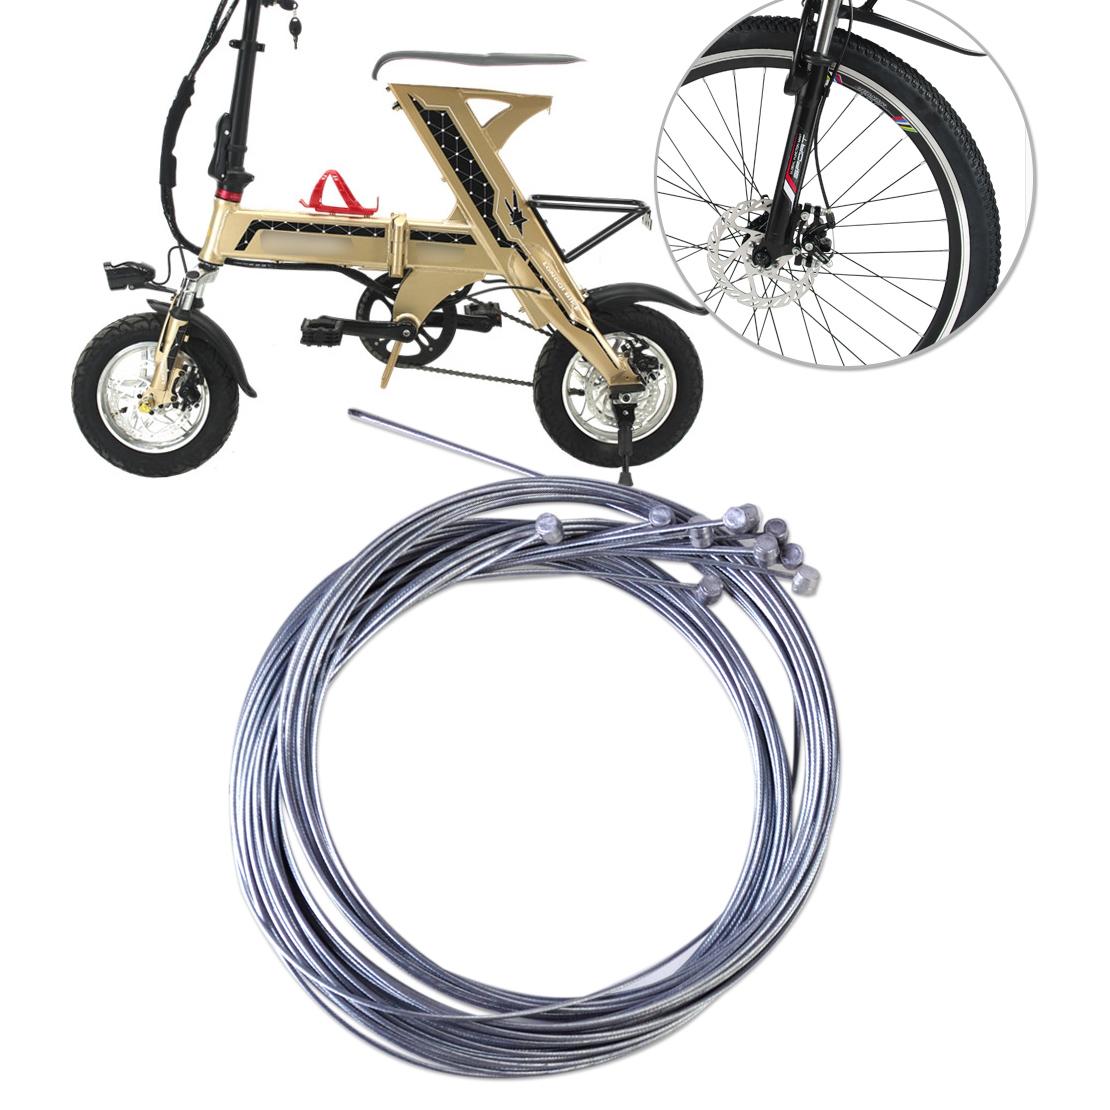 3 Meter Fahrrad Universal Schaltzug Schaltseil Bremskabel Bowdenzug 4 mm